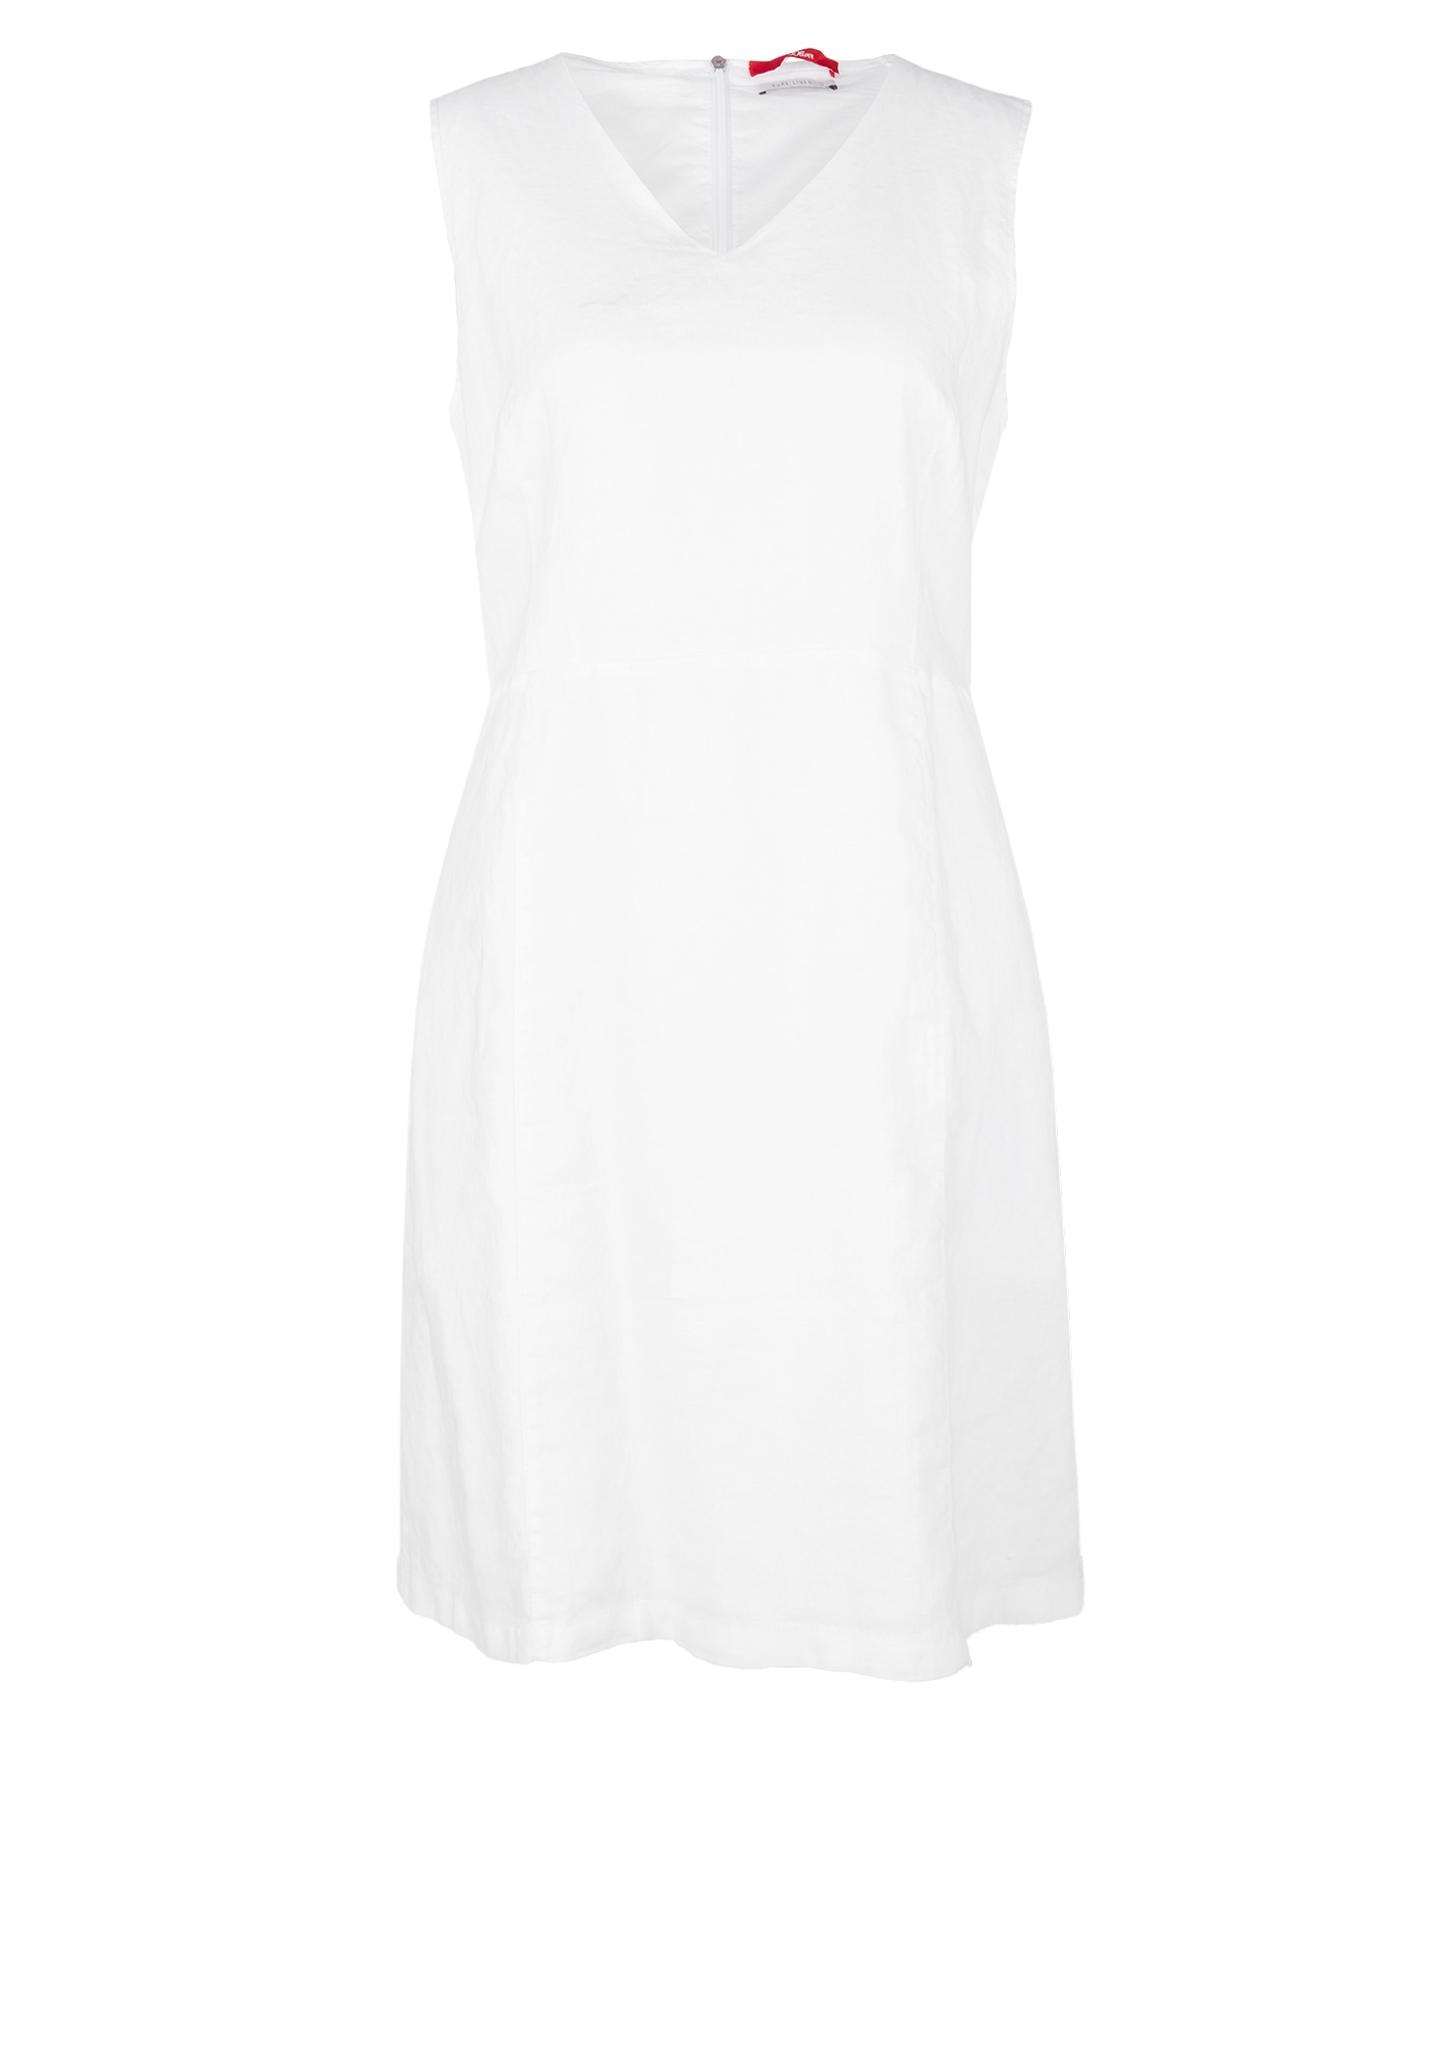 02356054e45 weiss-leinen Sonstige Kleider für Damen online kaufen | Damenmode ...